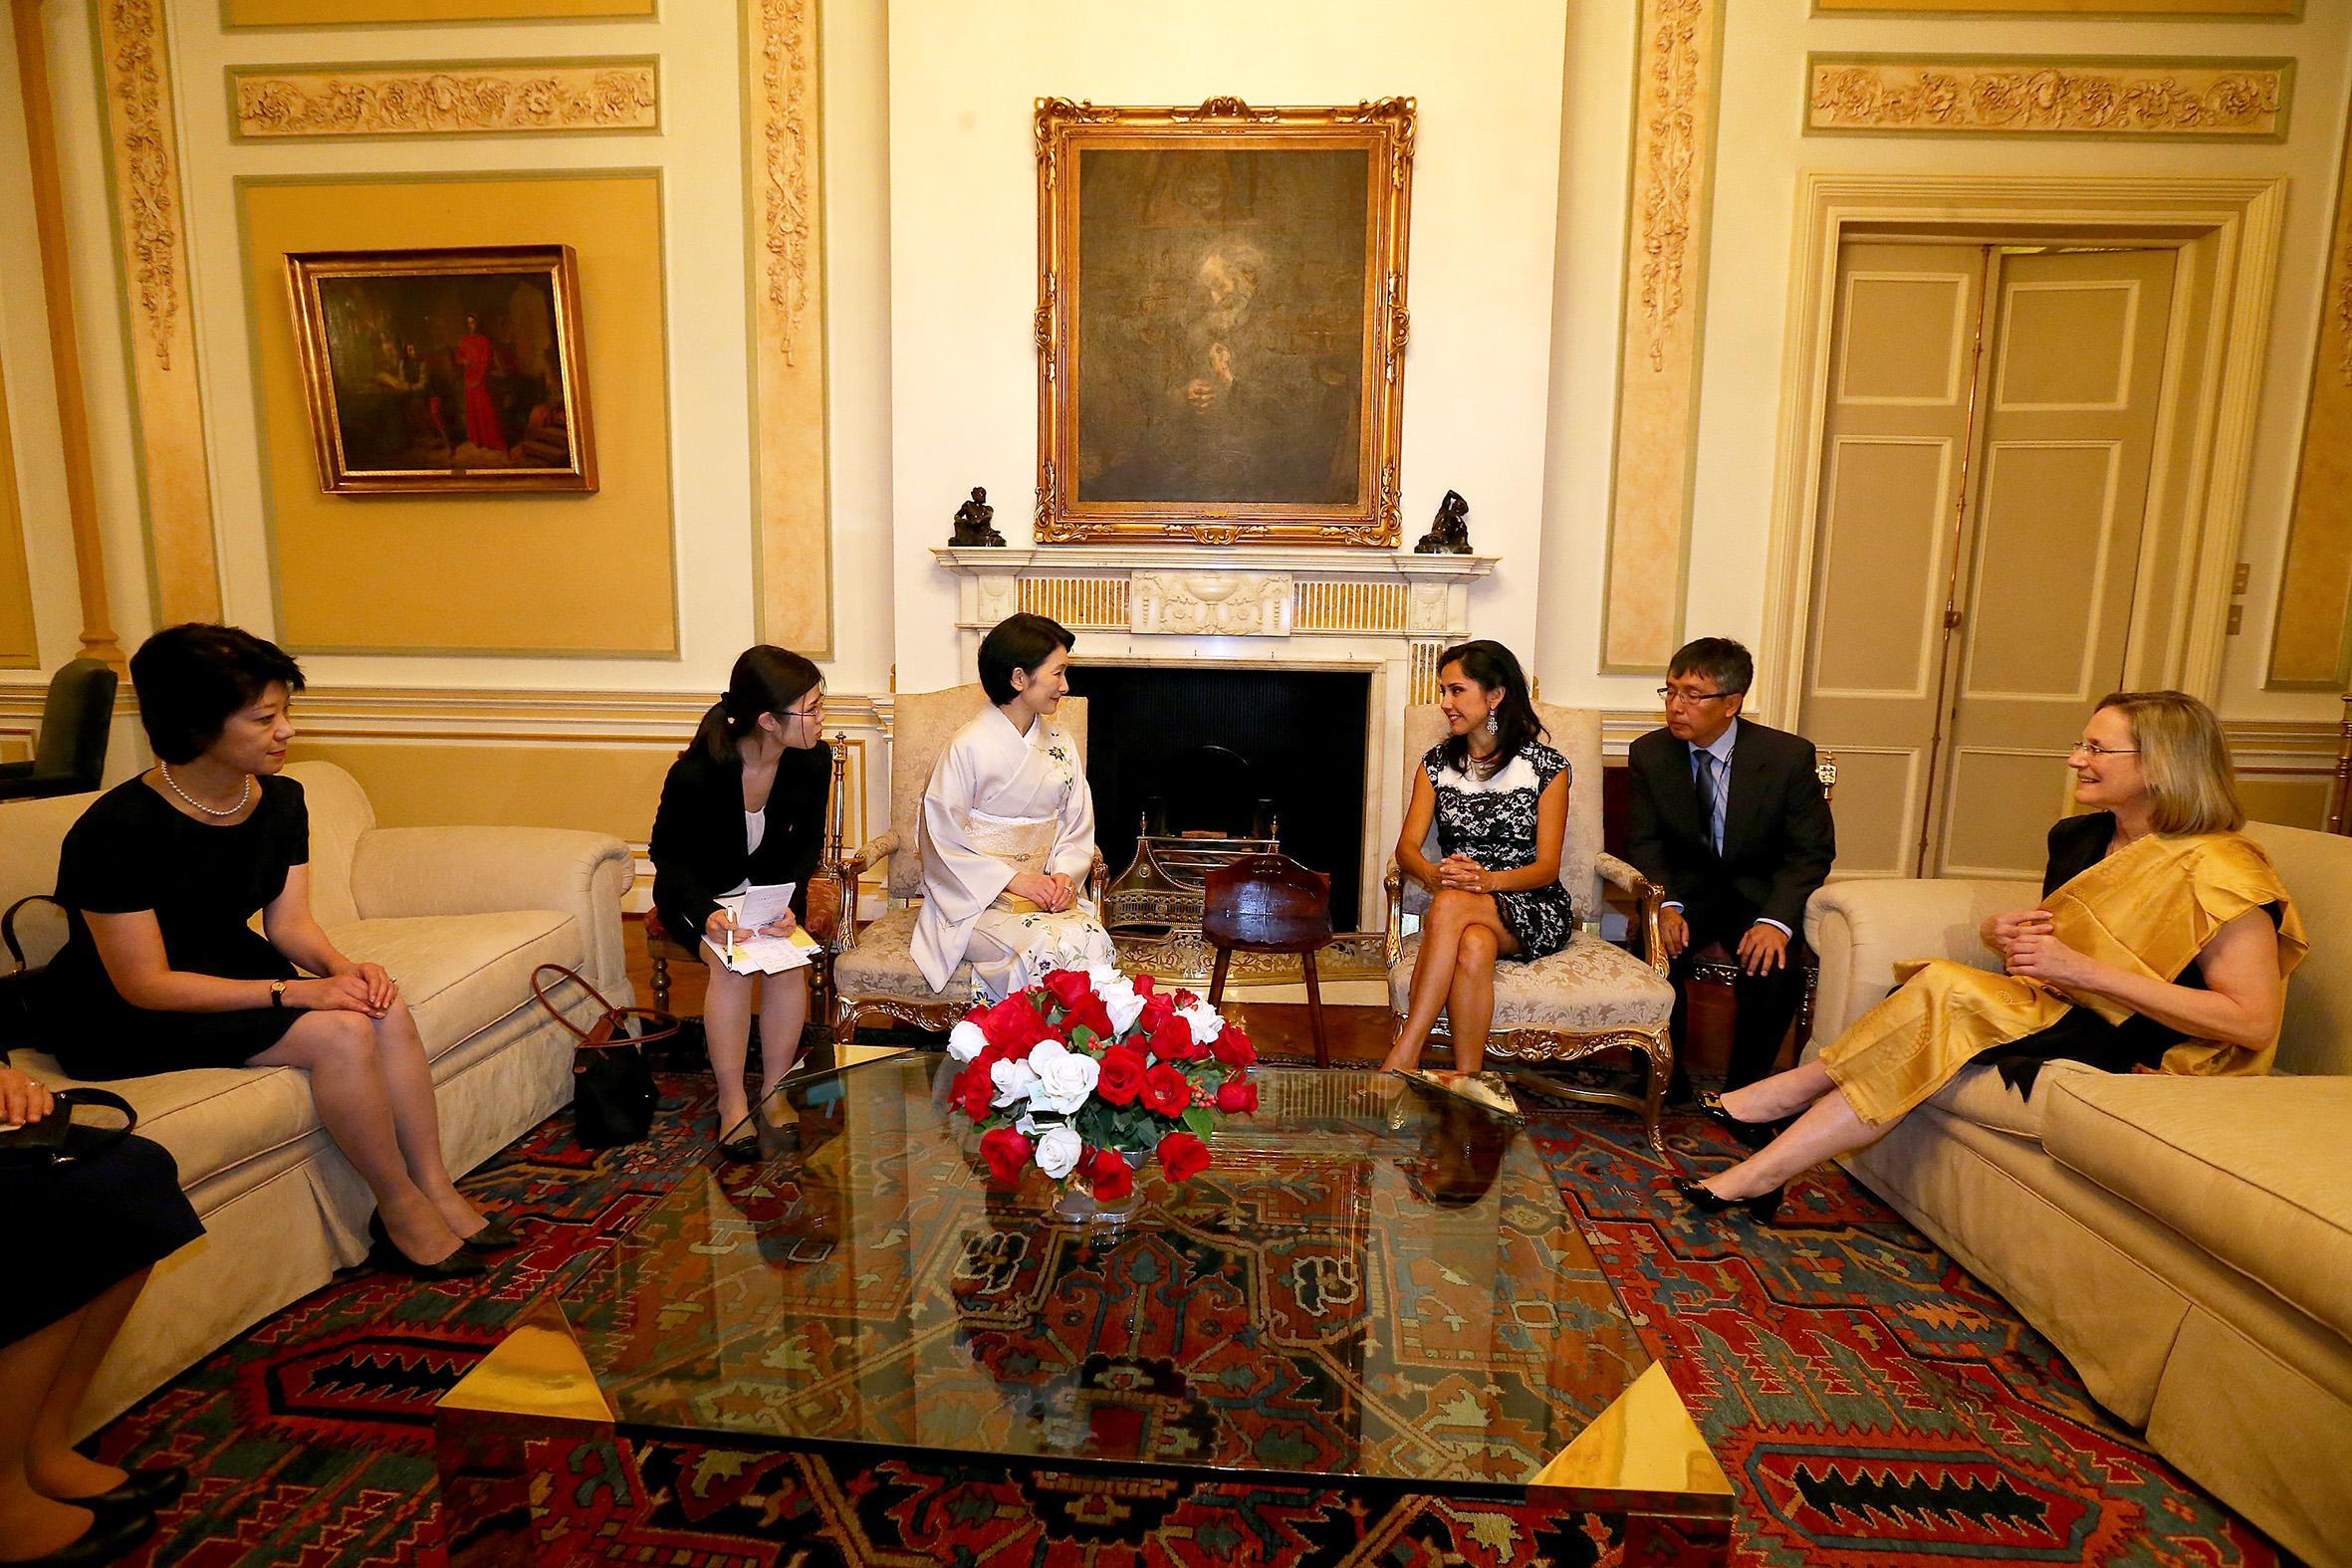 秋篠宮ご夫妻が行かれなかった英国王室の結婚式YouTube動画>2本 ->画像>819枚